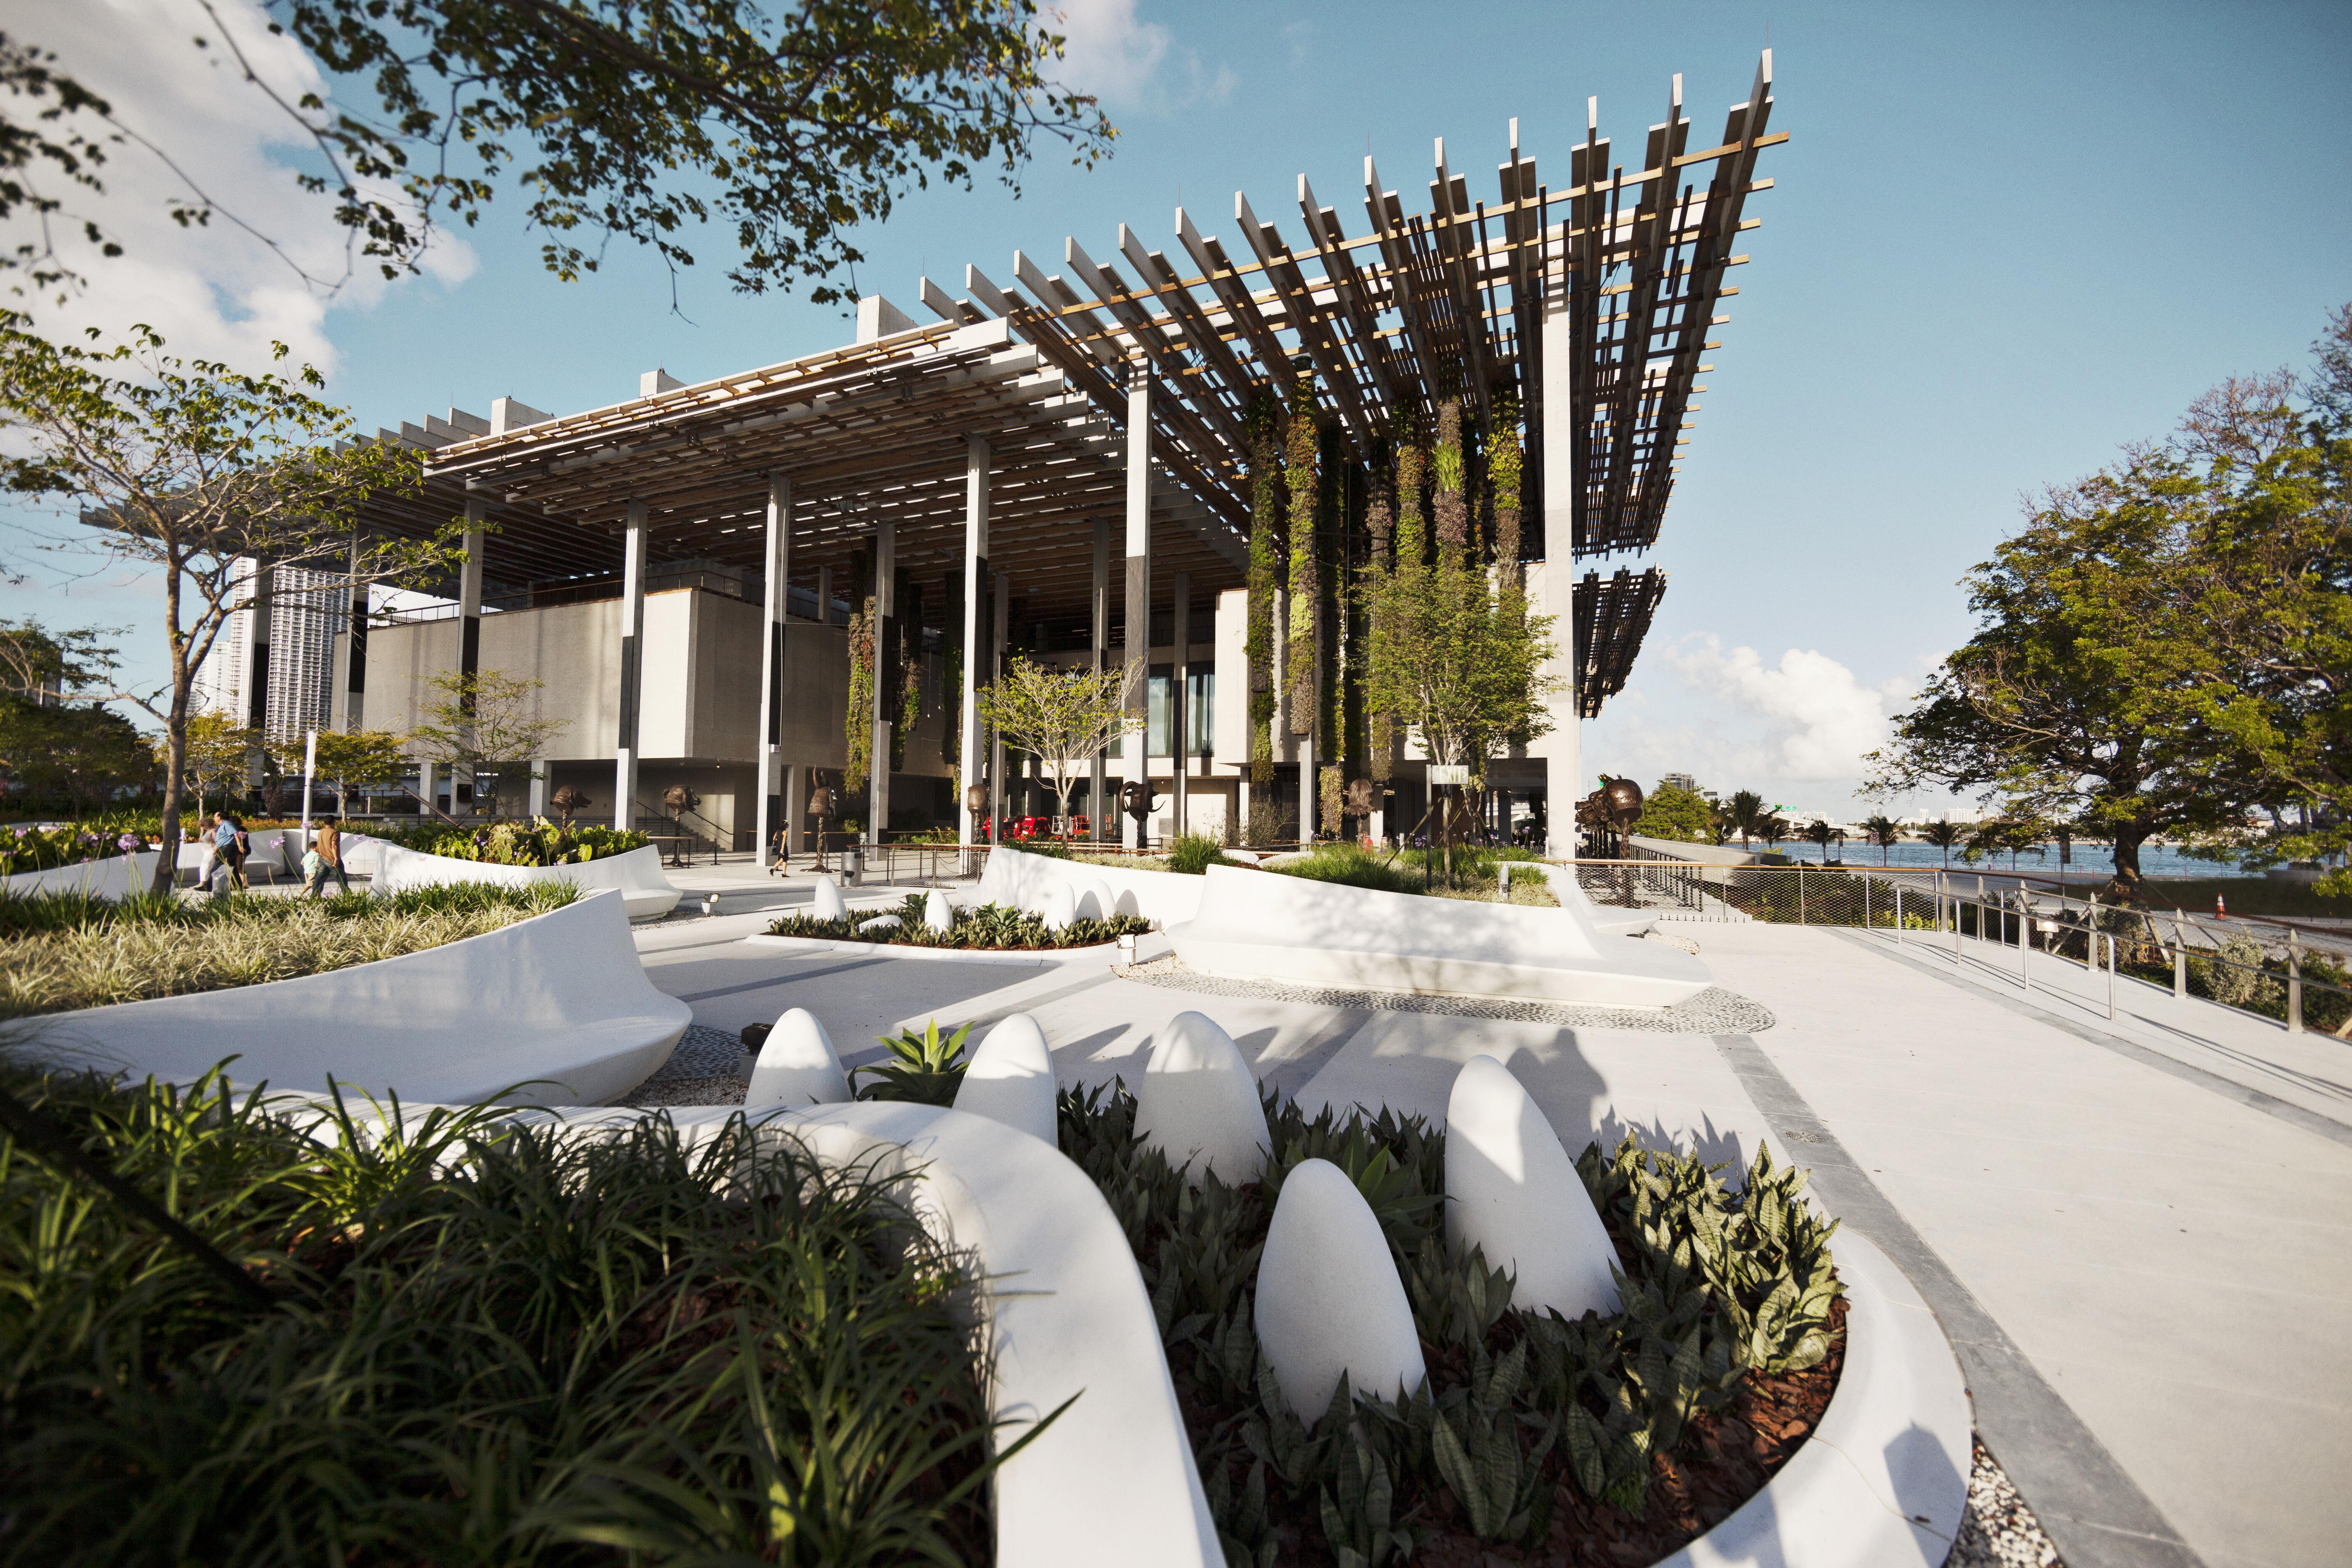 Perez art museum miami. quelle: s greater miami convention